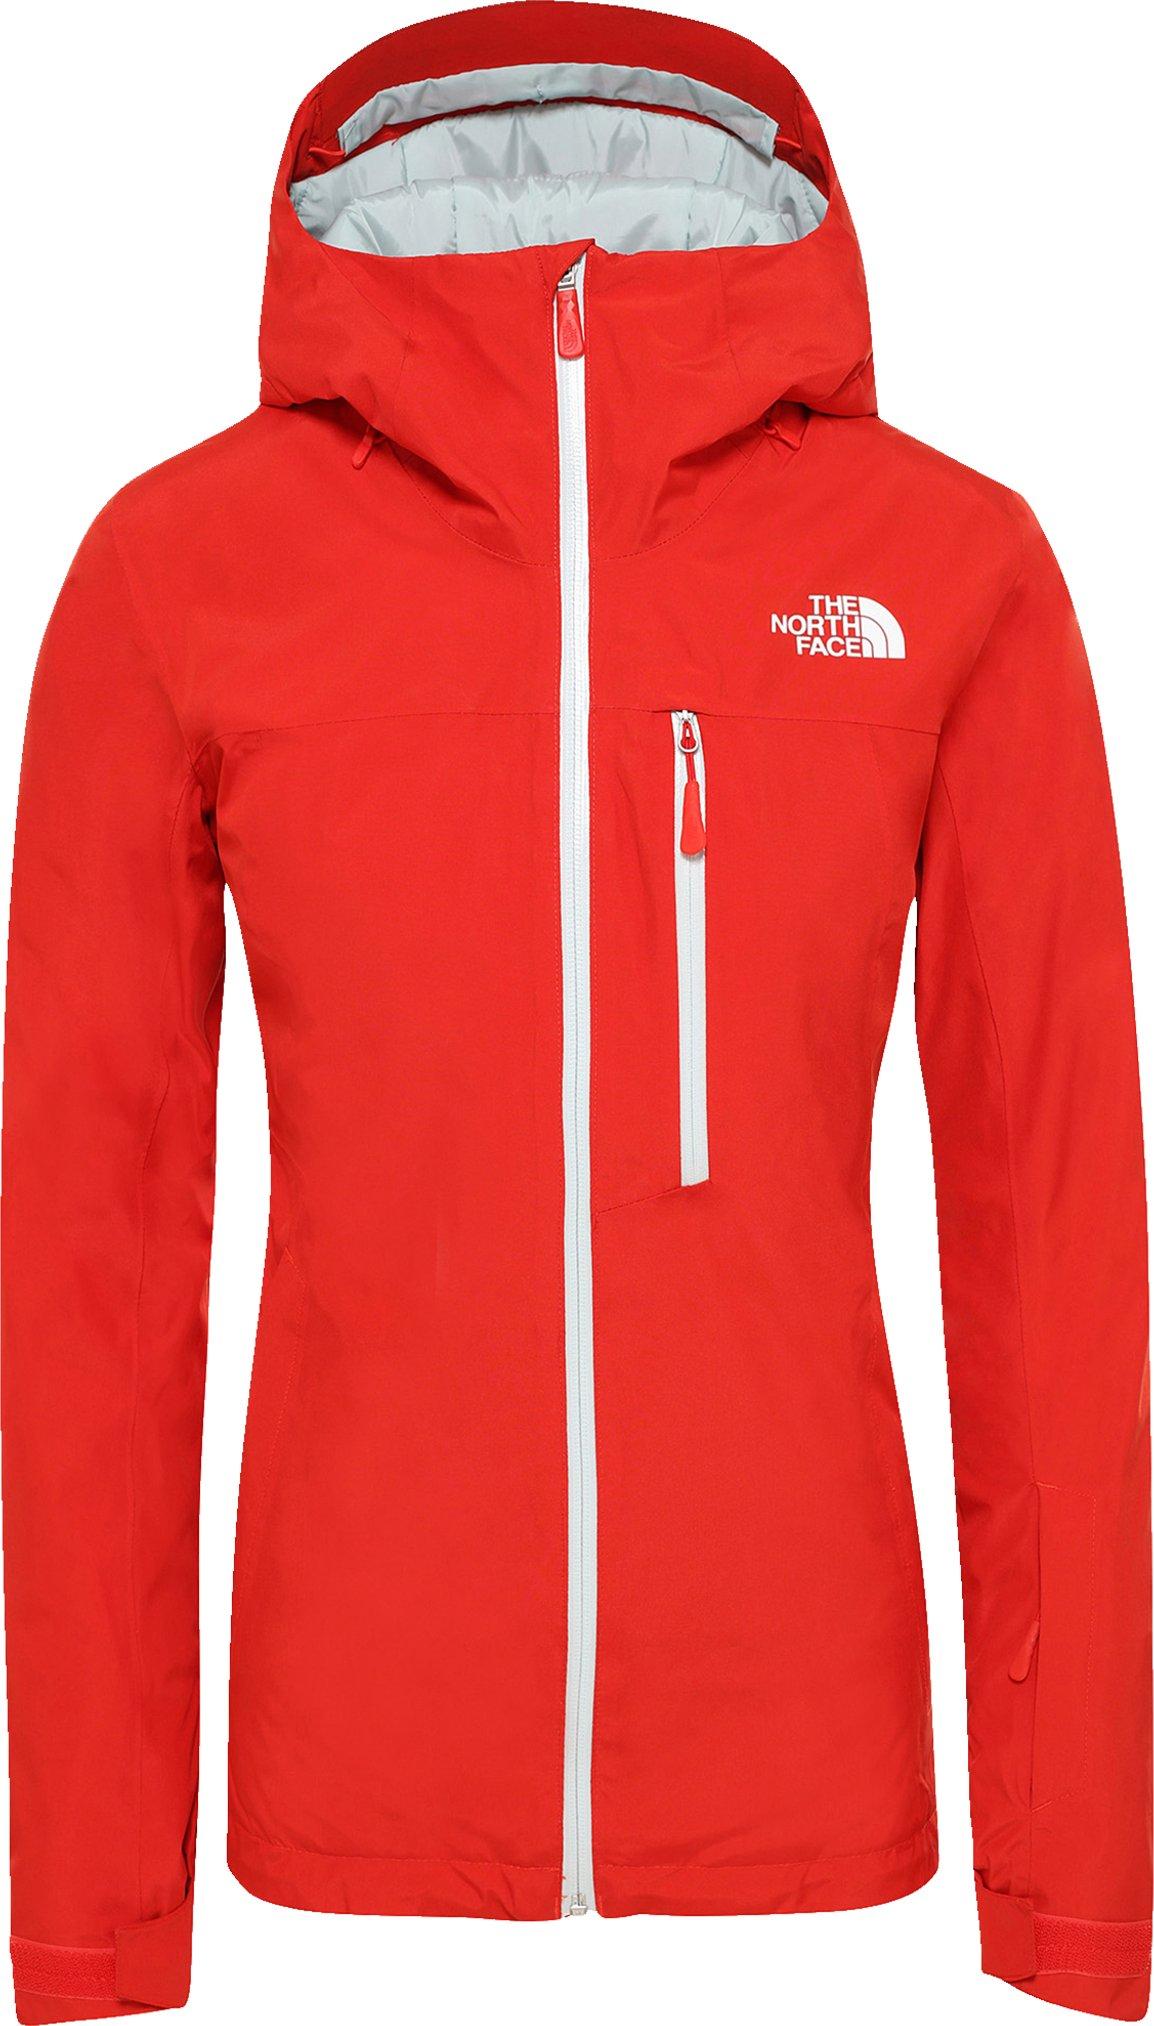 Kjøp Bergans Oppdal Insulated Women's Jacket fra Outnorth